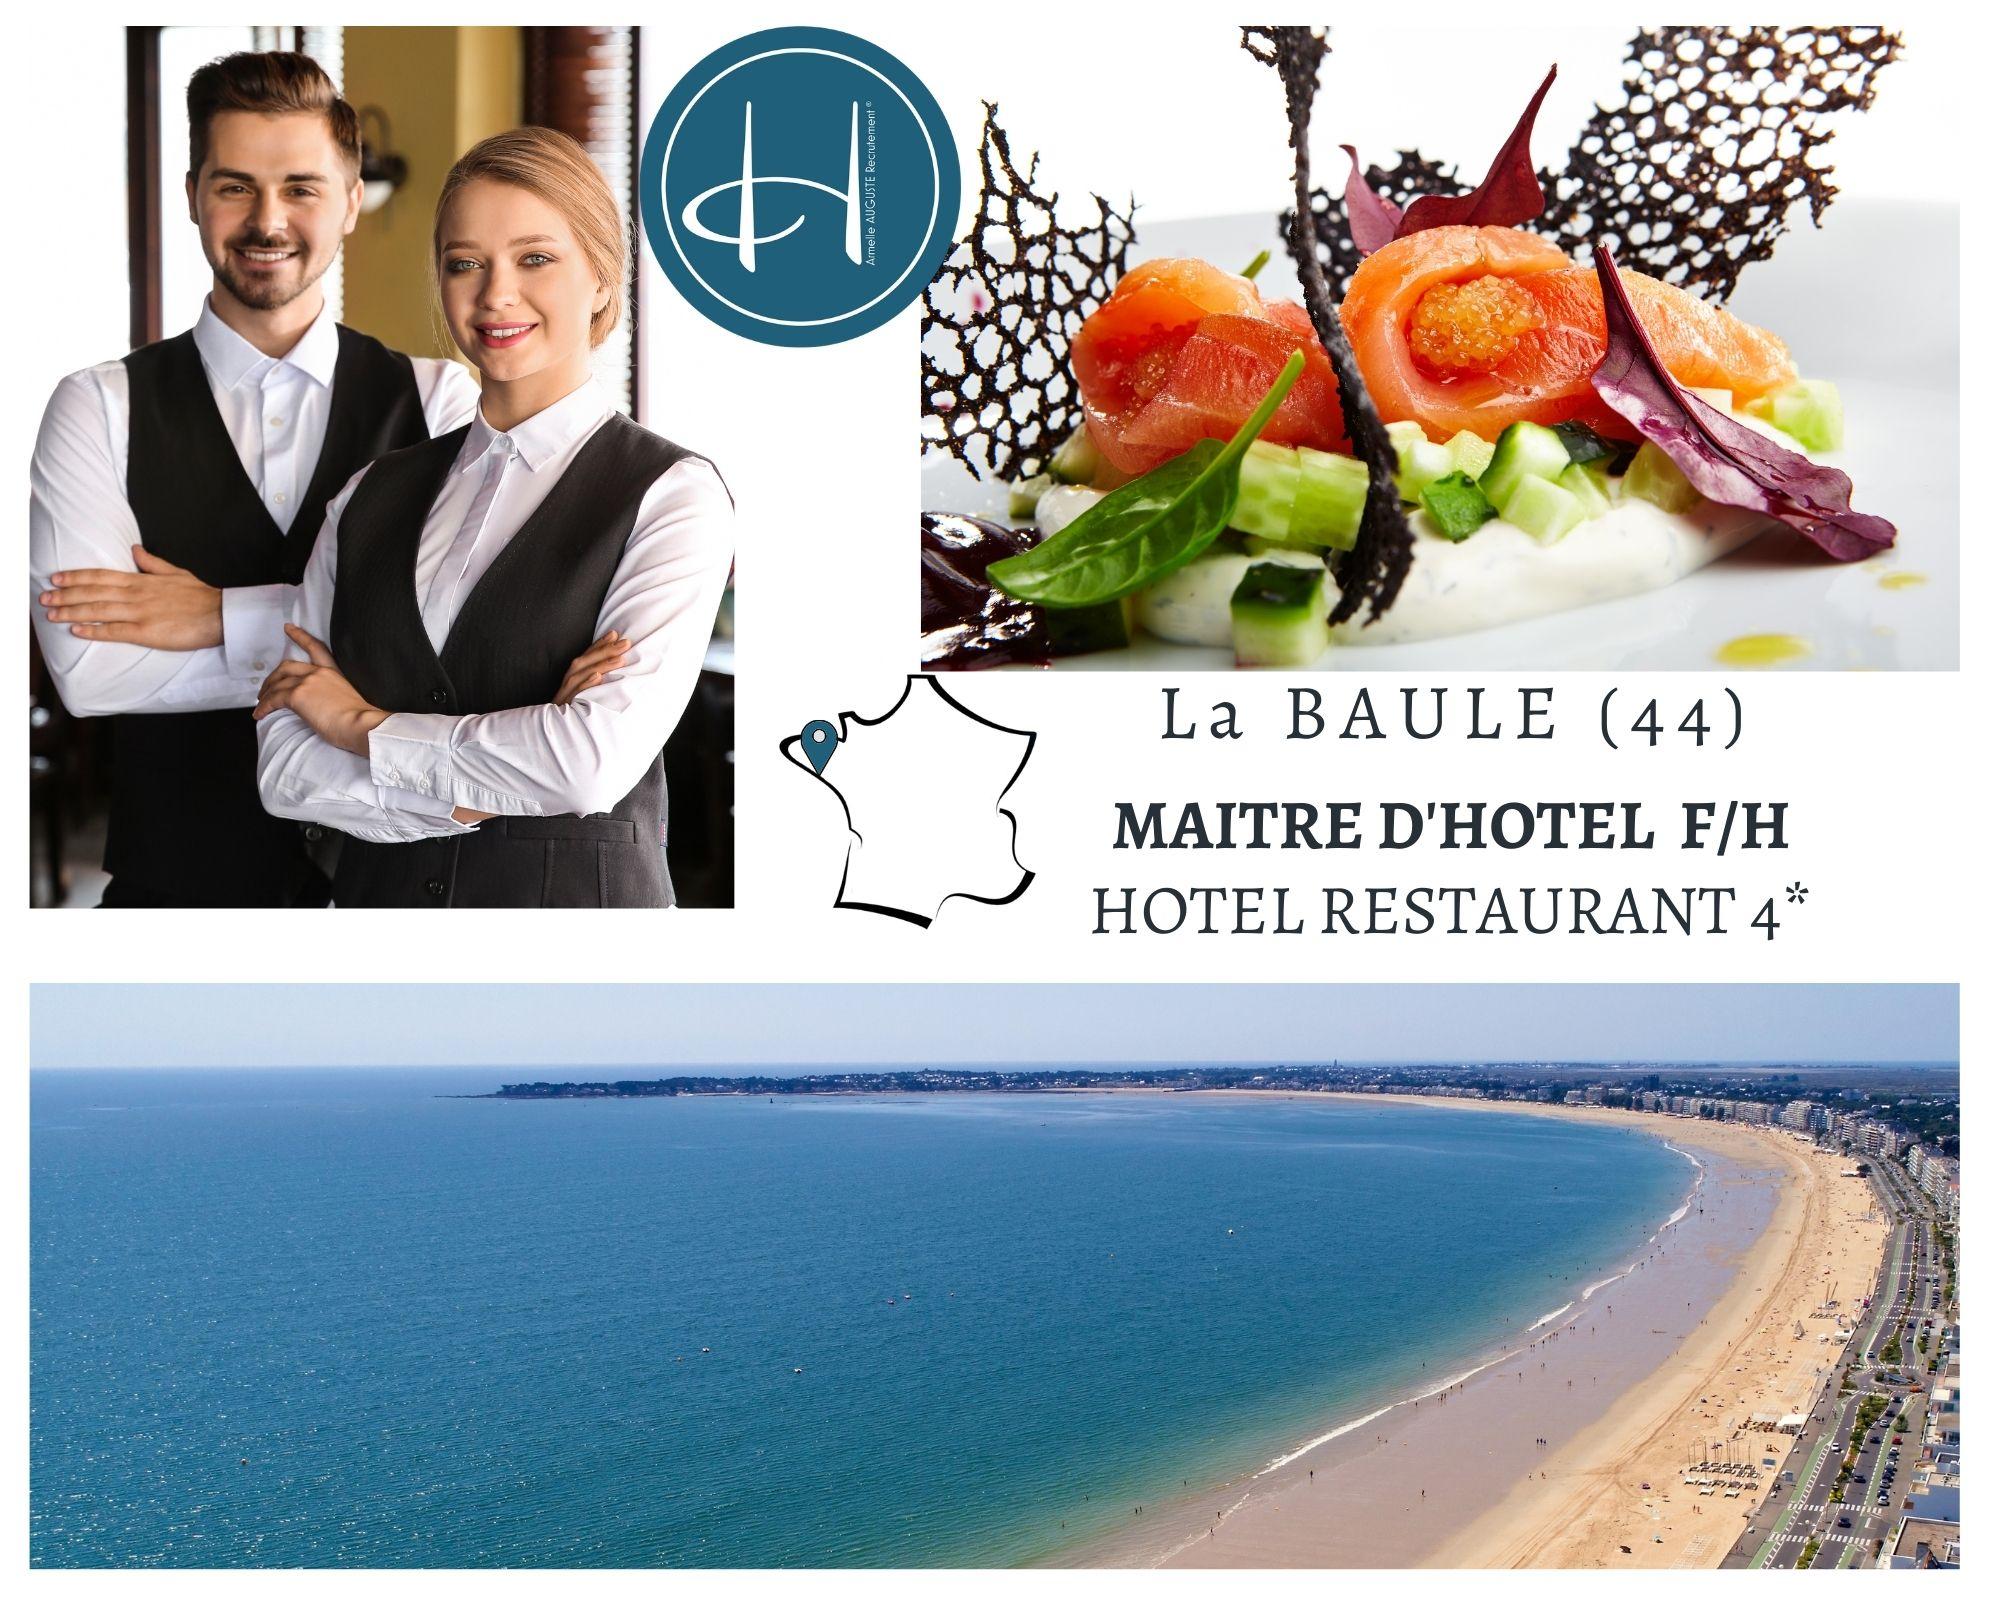 Recrutement: Maître d'hôtel hôtel restaurant 4* F/H chez Armelle AUGUSTE Recrutement® à La Baule-Escoublac